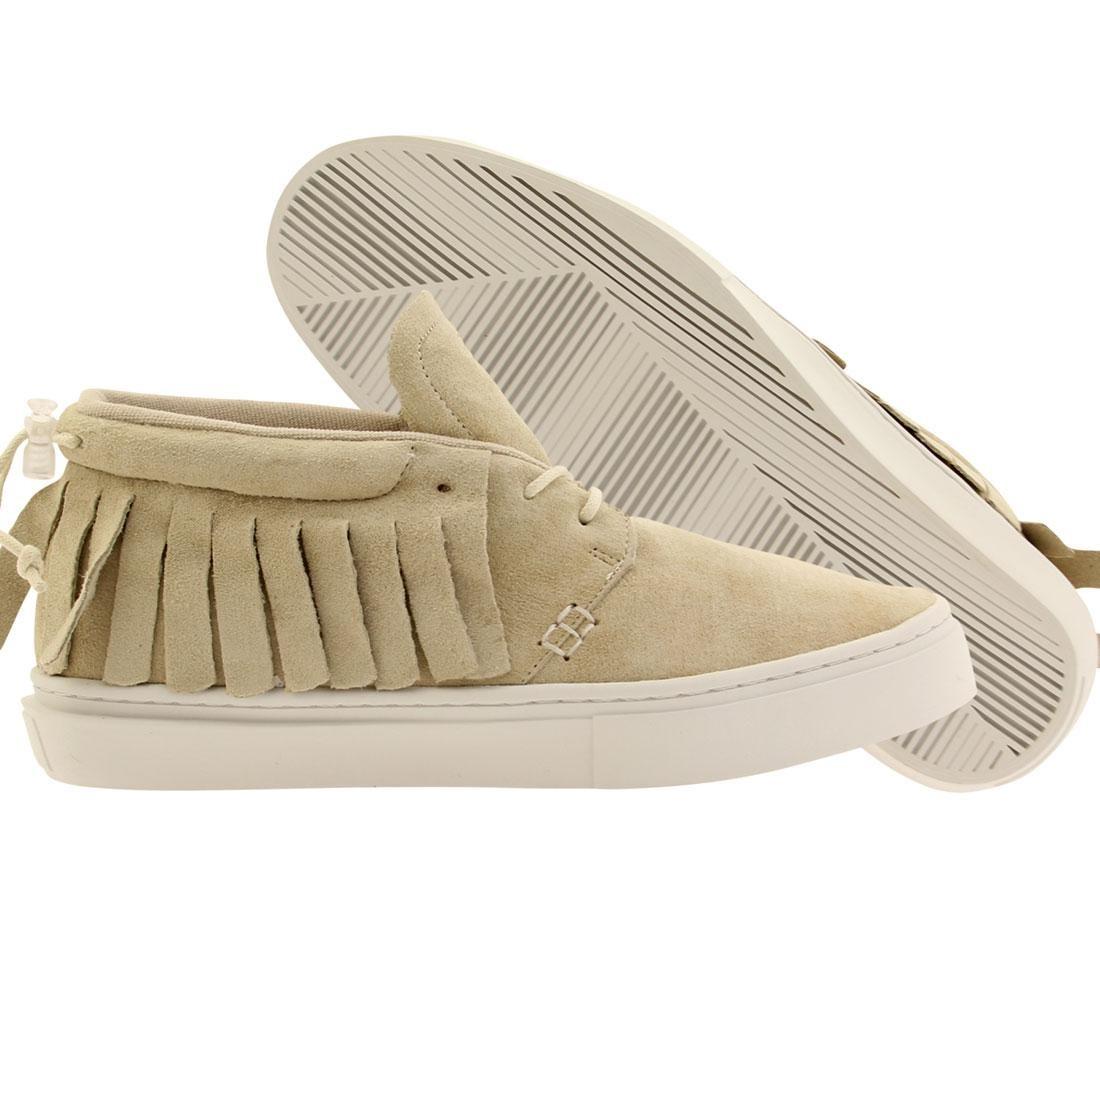 【海外限定】靴 メンズ靴 【 CLEAR WEATHER MEN THE ONEOONE WHITE CREAM 】